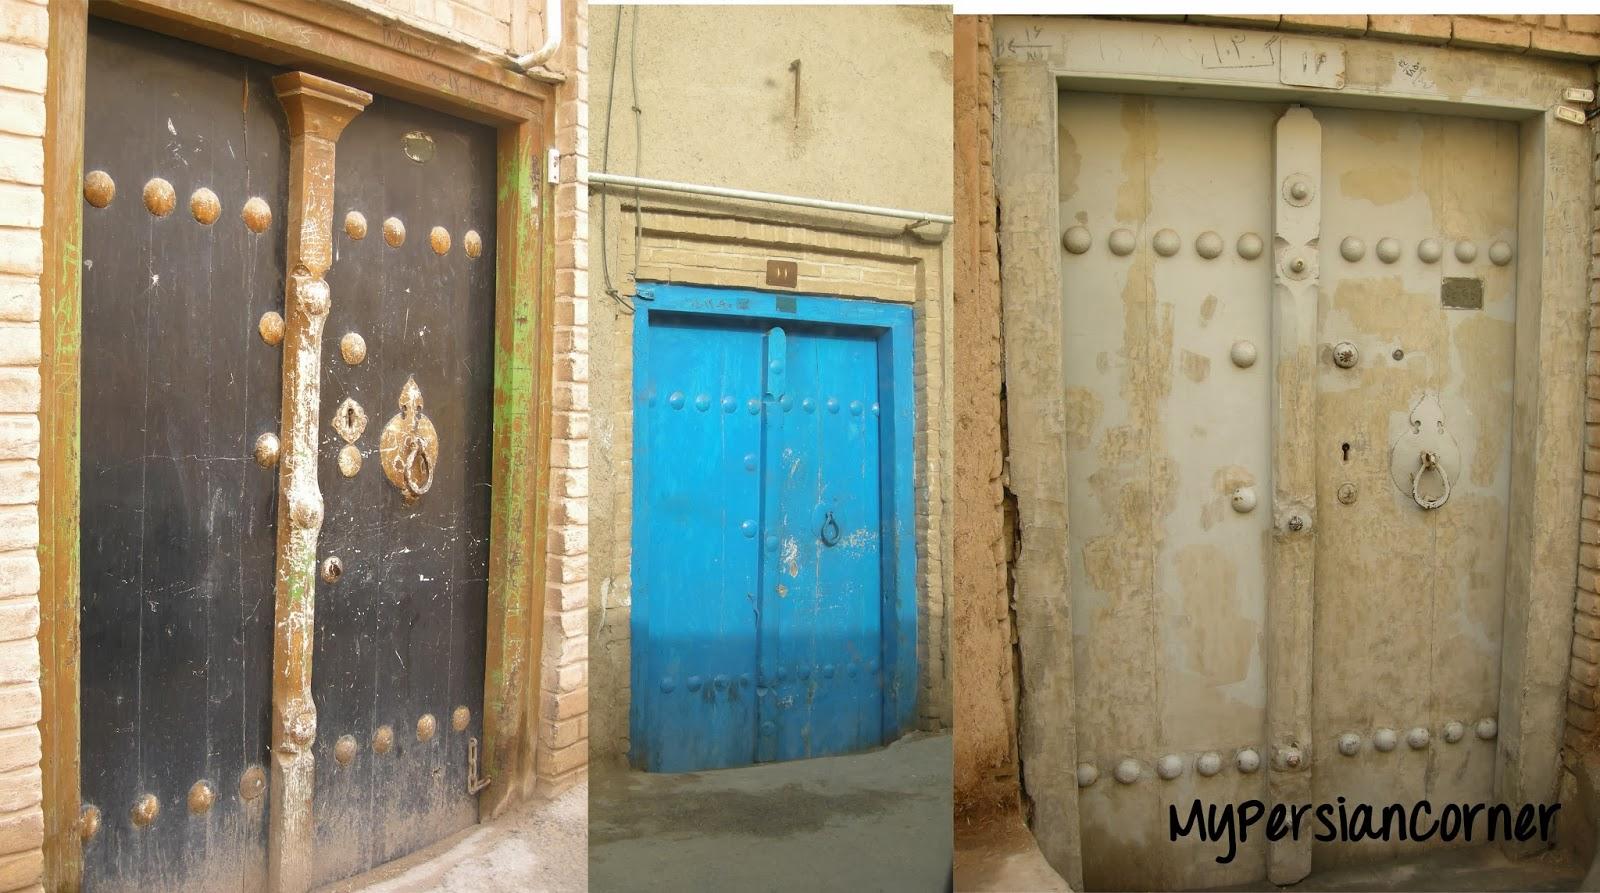 Zoroastrian doors & My Persian Corner: The Zoroastrian Neighborhood of Yazd Pezcame.Com